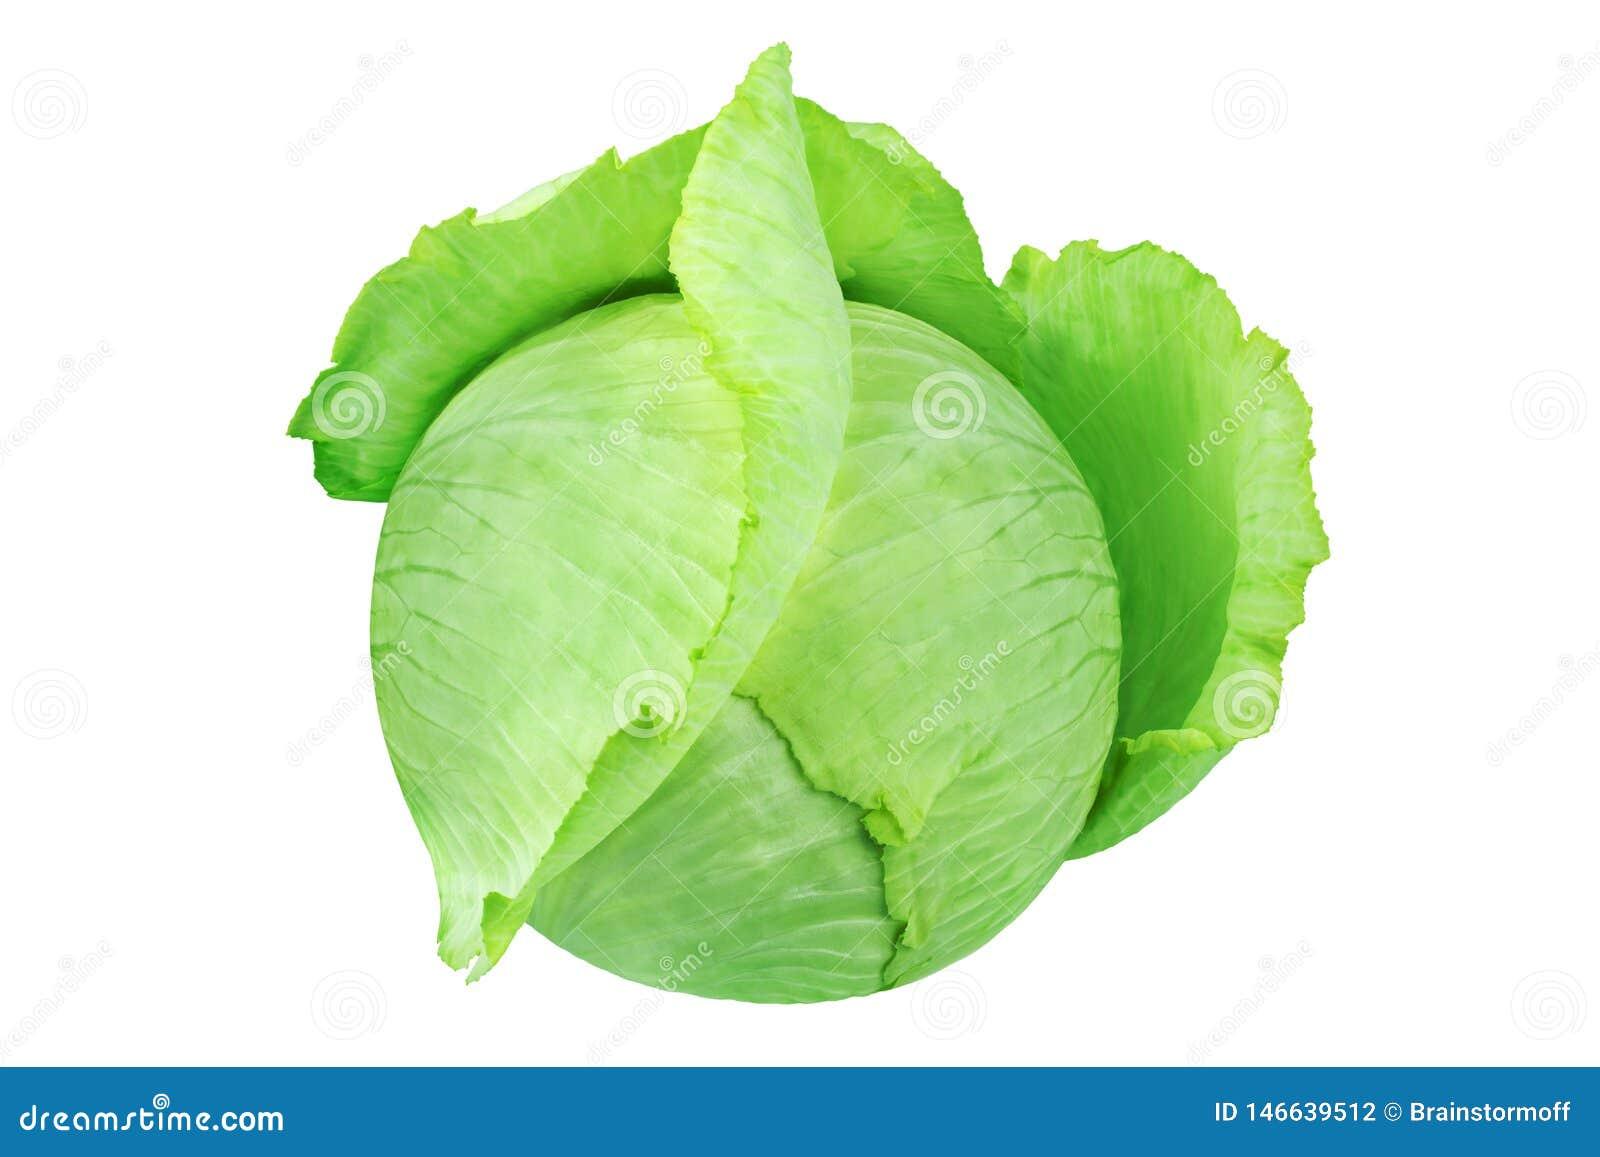 Intera testa di cavolo frondoso verde sulla fine isolata fondo bianco su, intorno a cavolo cappuccio bianco maturo con le foglie